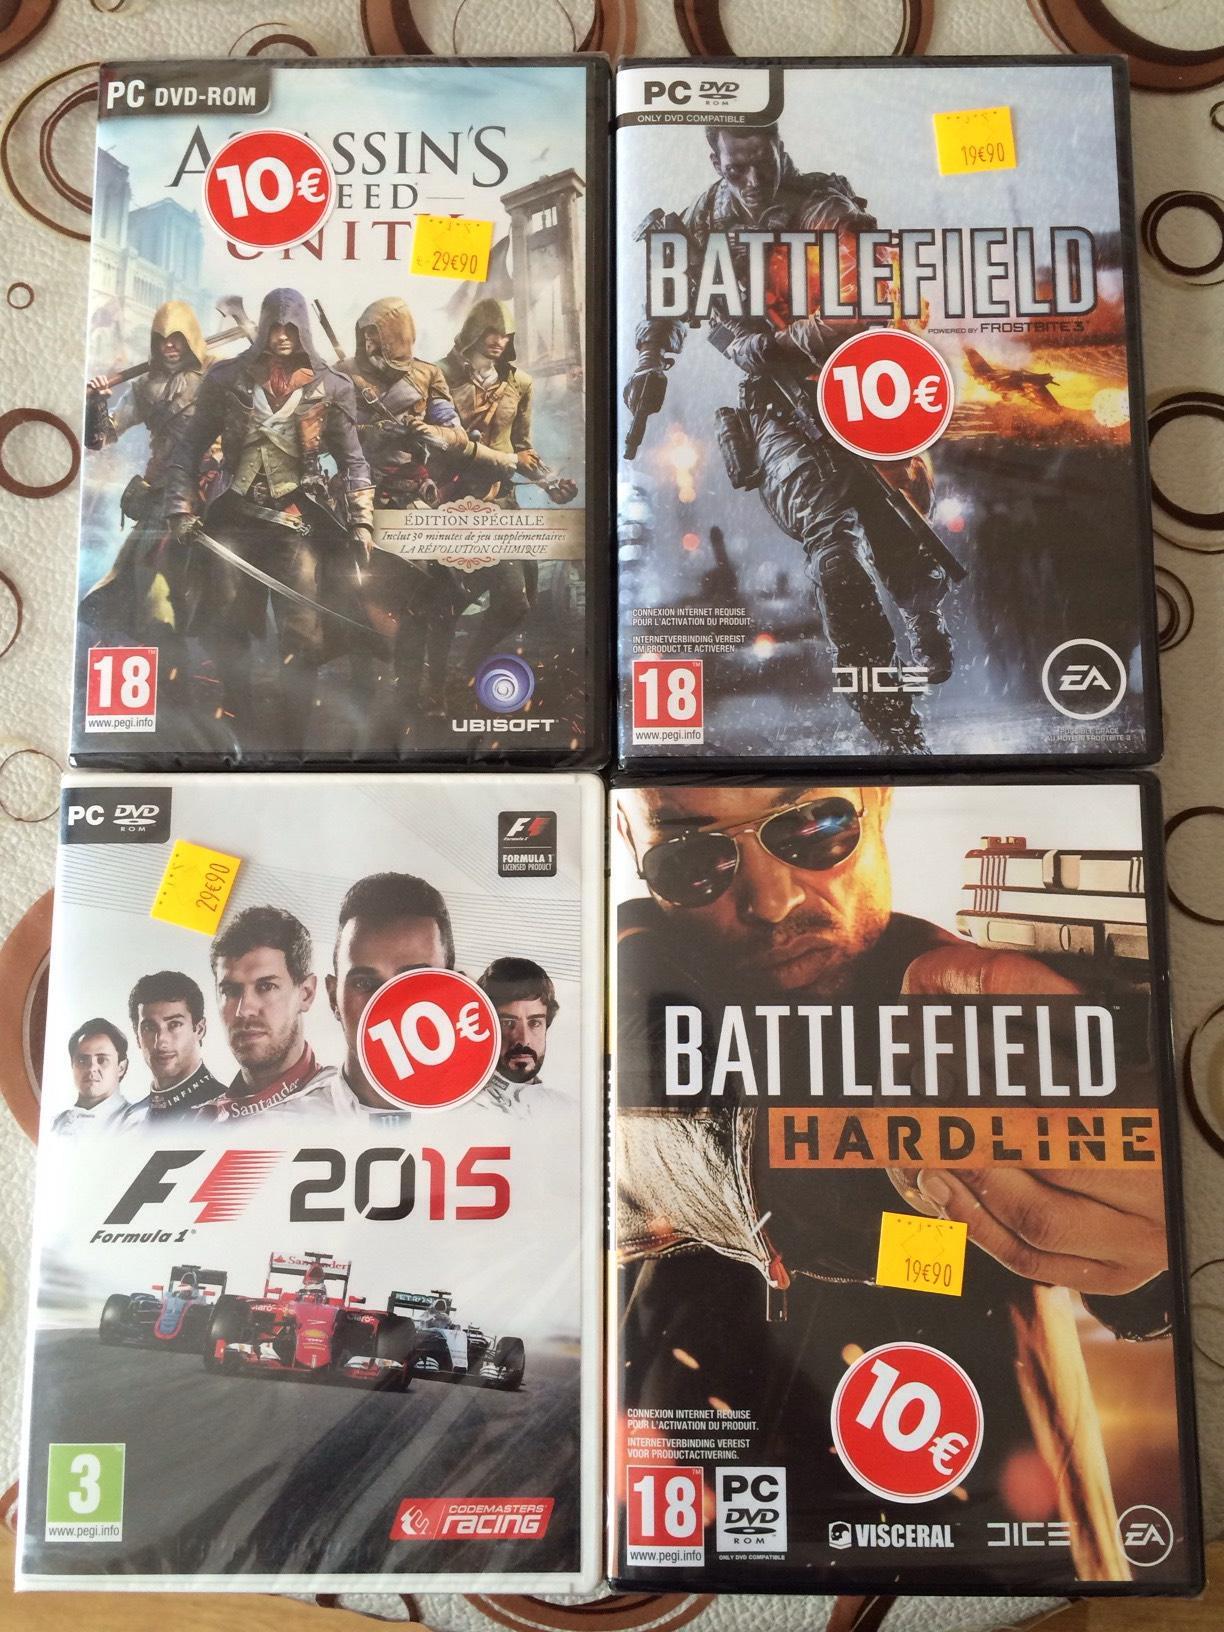 Sélection de jeux PC en promo  - Ex : Battlefield 4